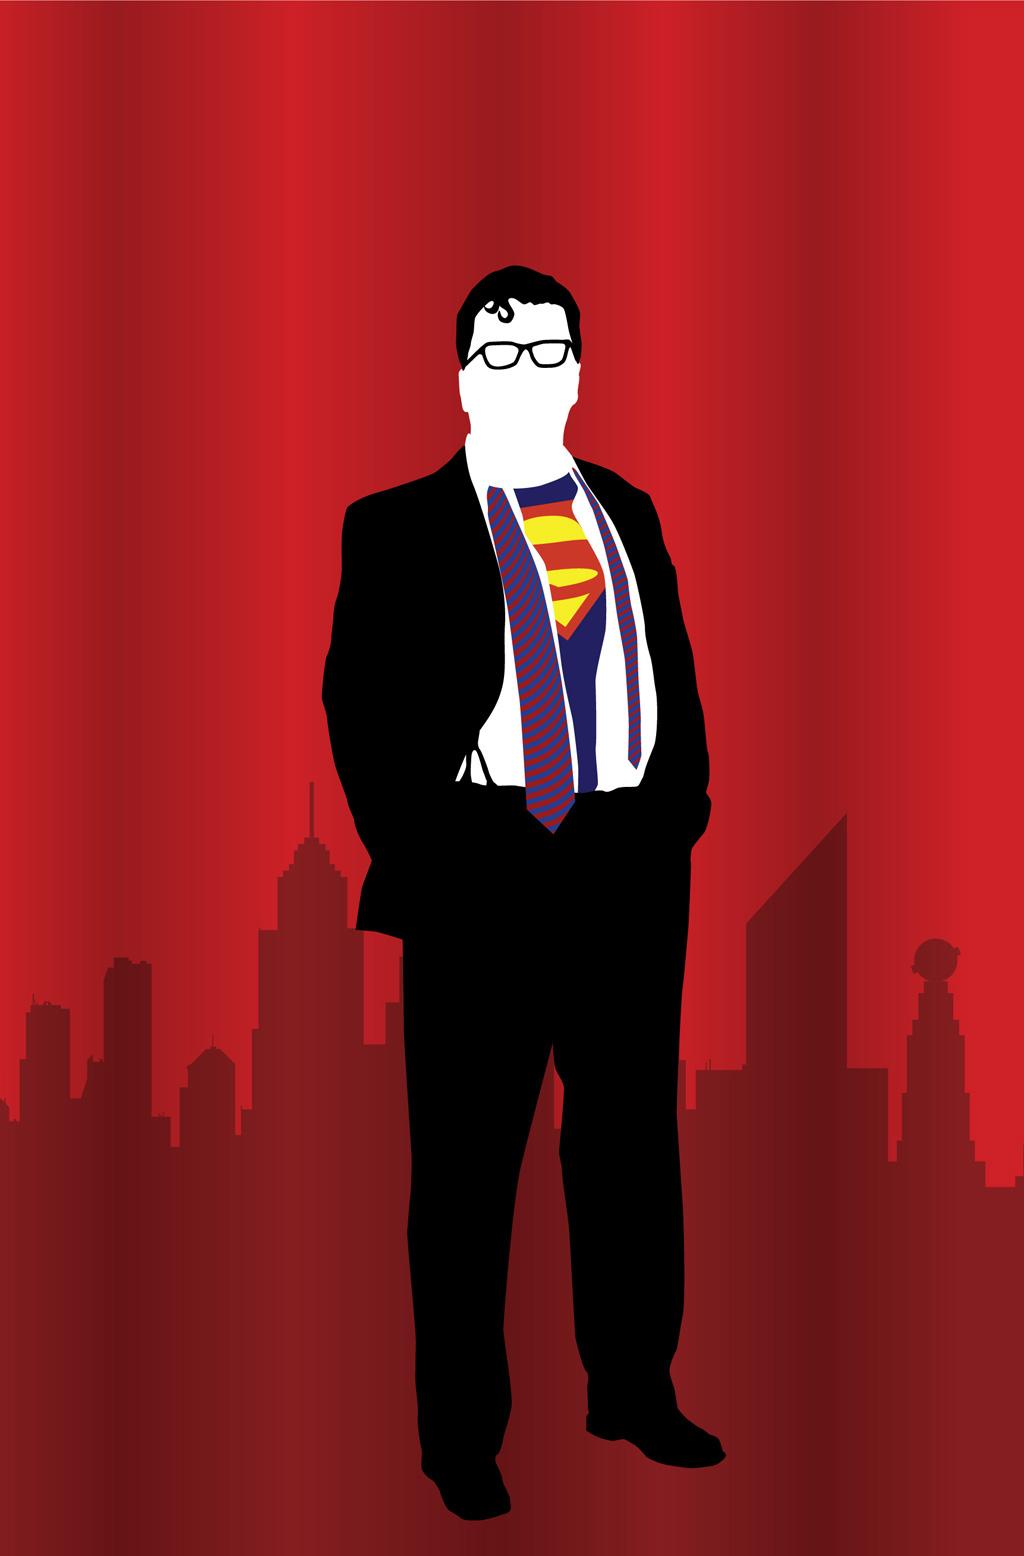 superman_minimal